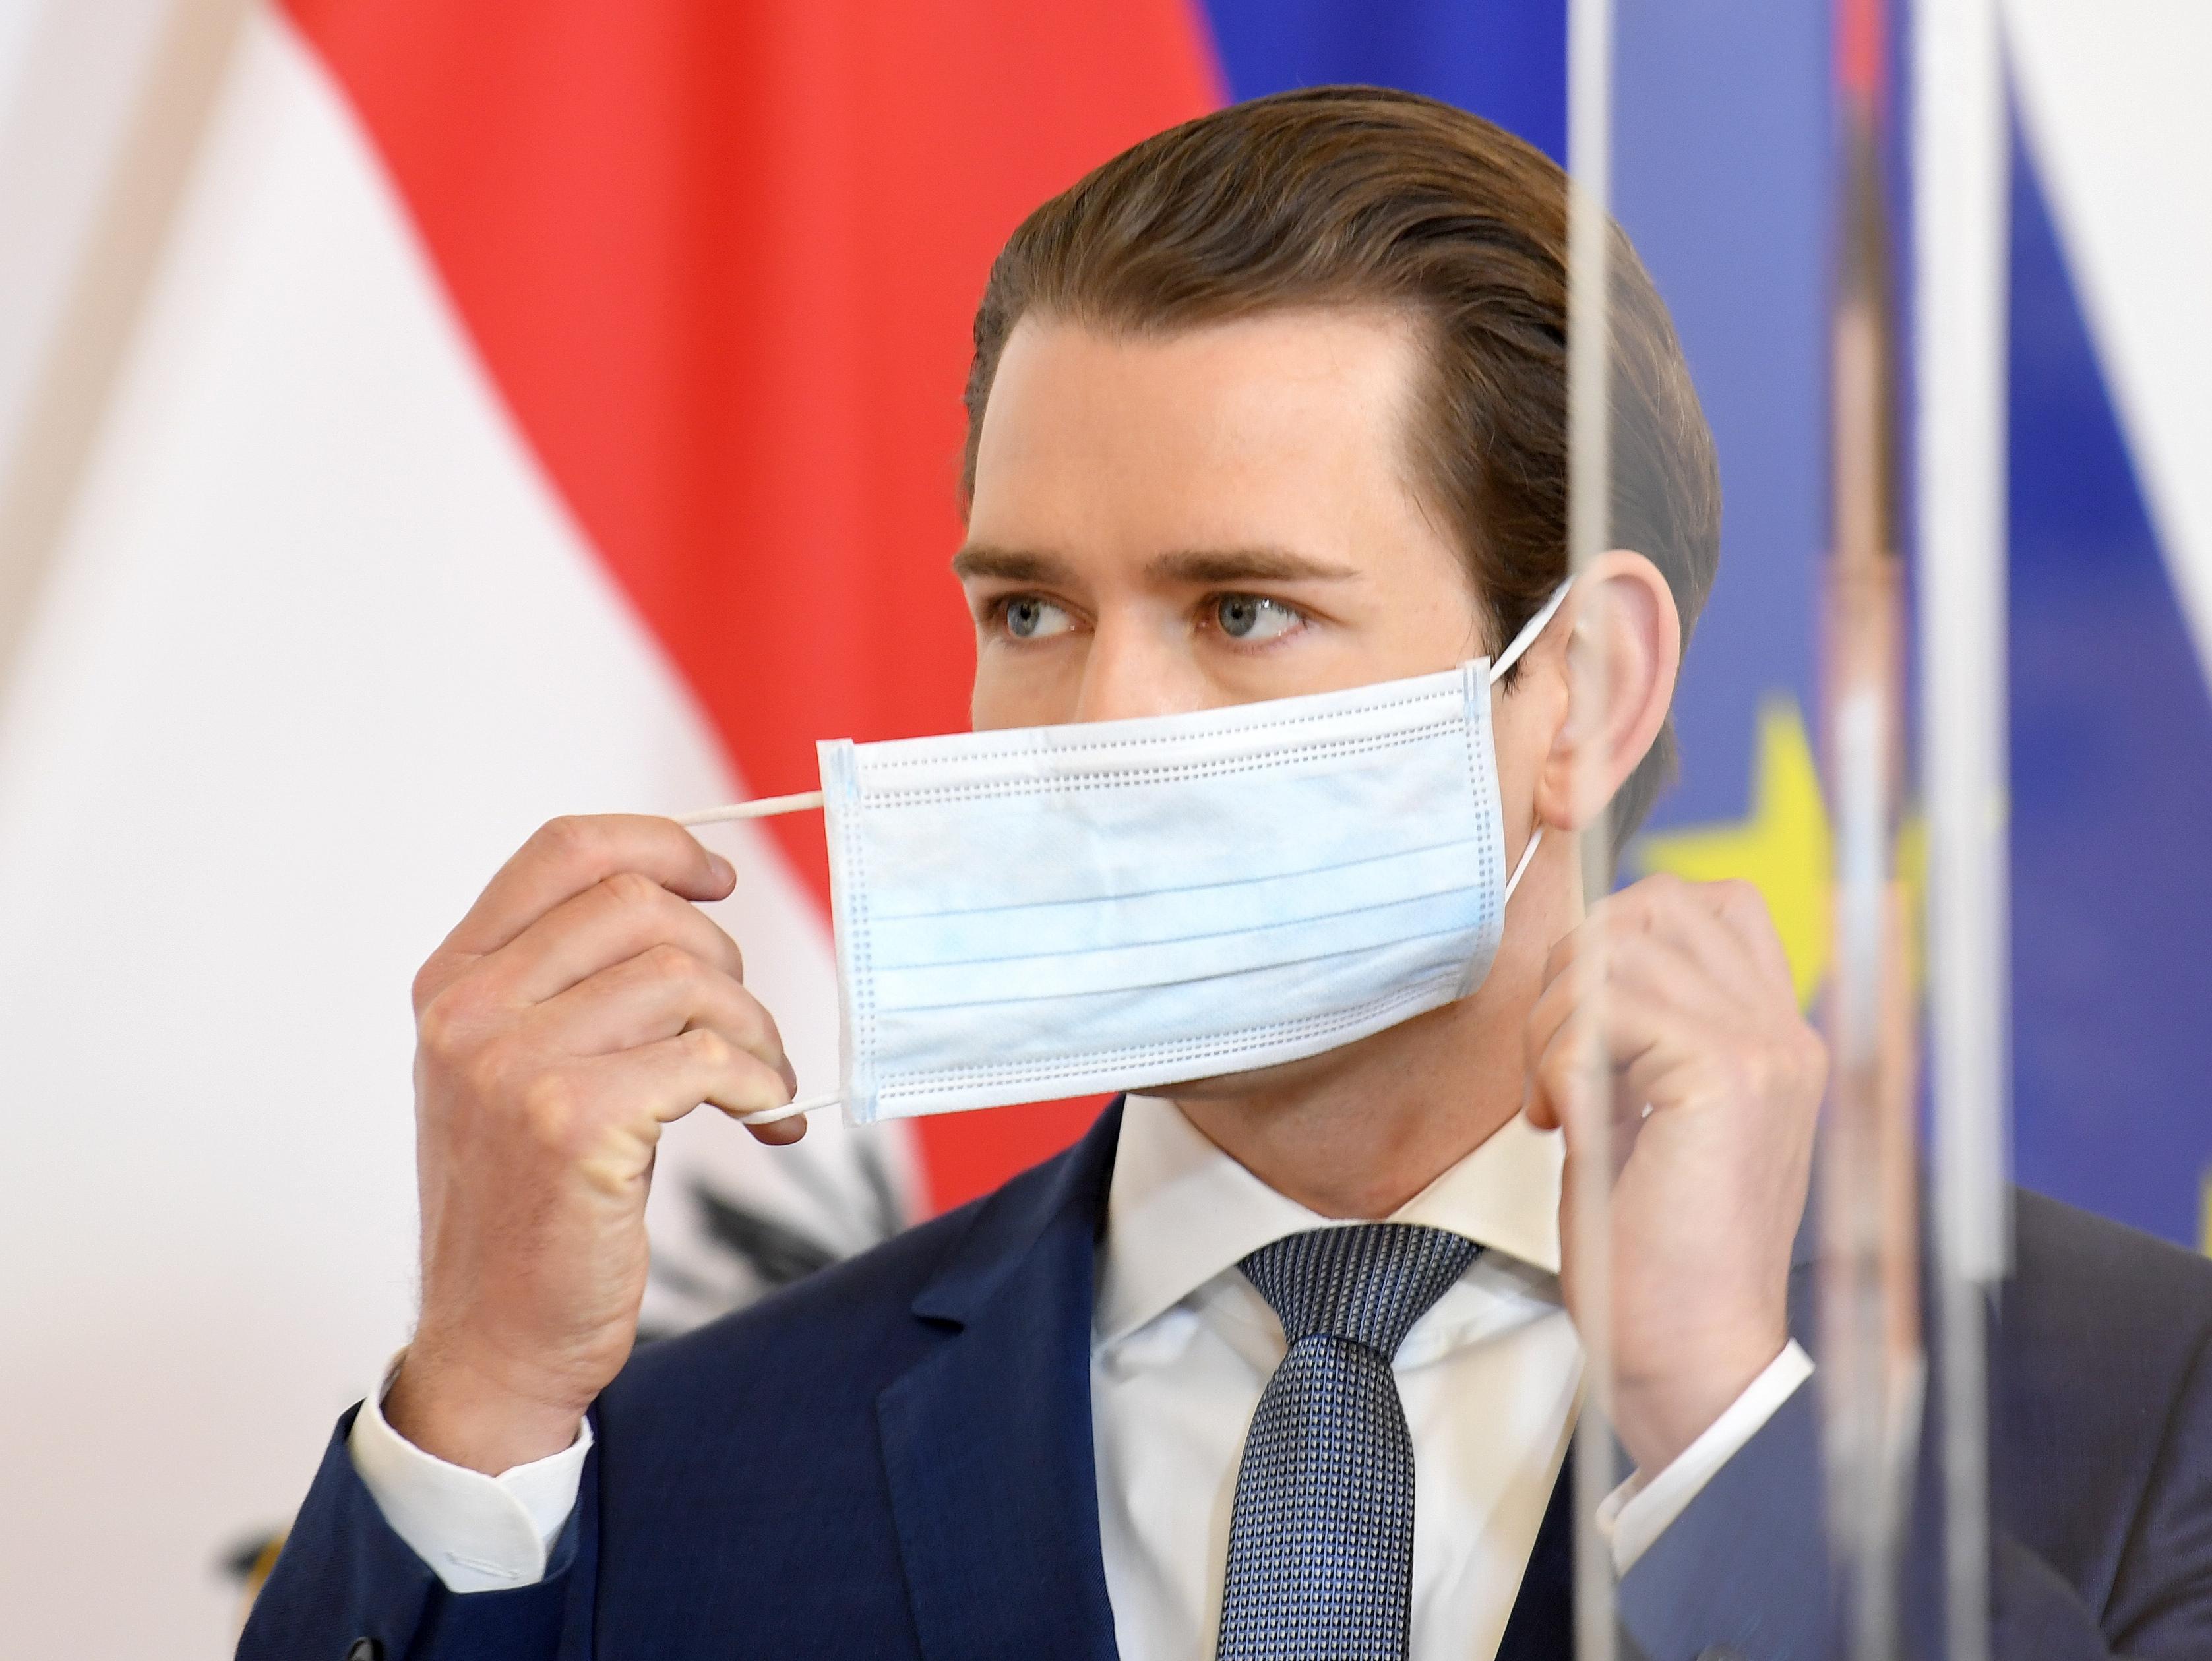 Ausztria tömeges tesztelésbe kezd a kijárási tilalom feloldása után